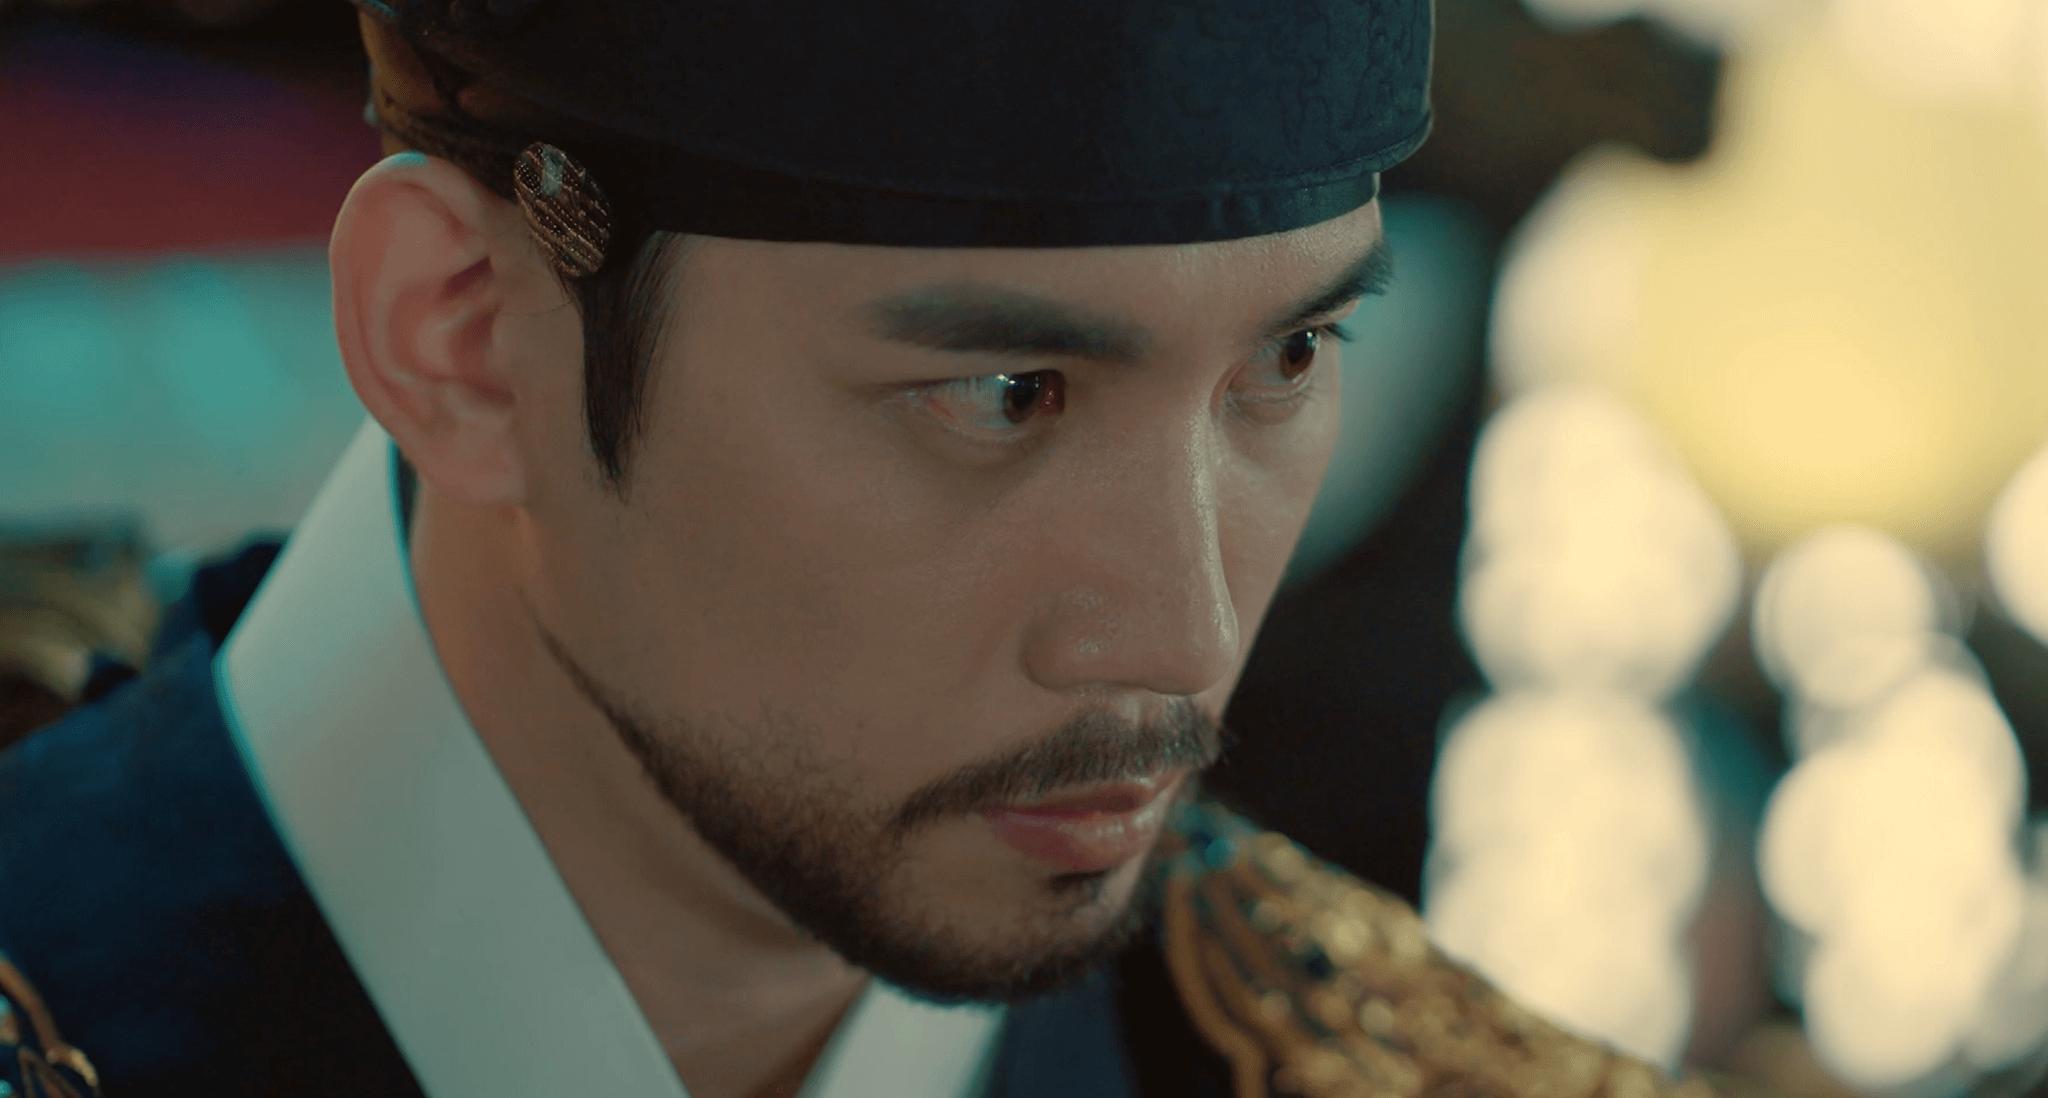 演員朴基雄在劇中飾演王位繼承人,也是非常疼惜車銀優的哥哥。